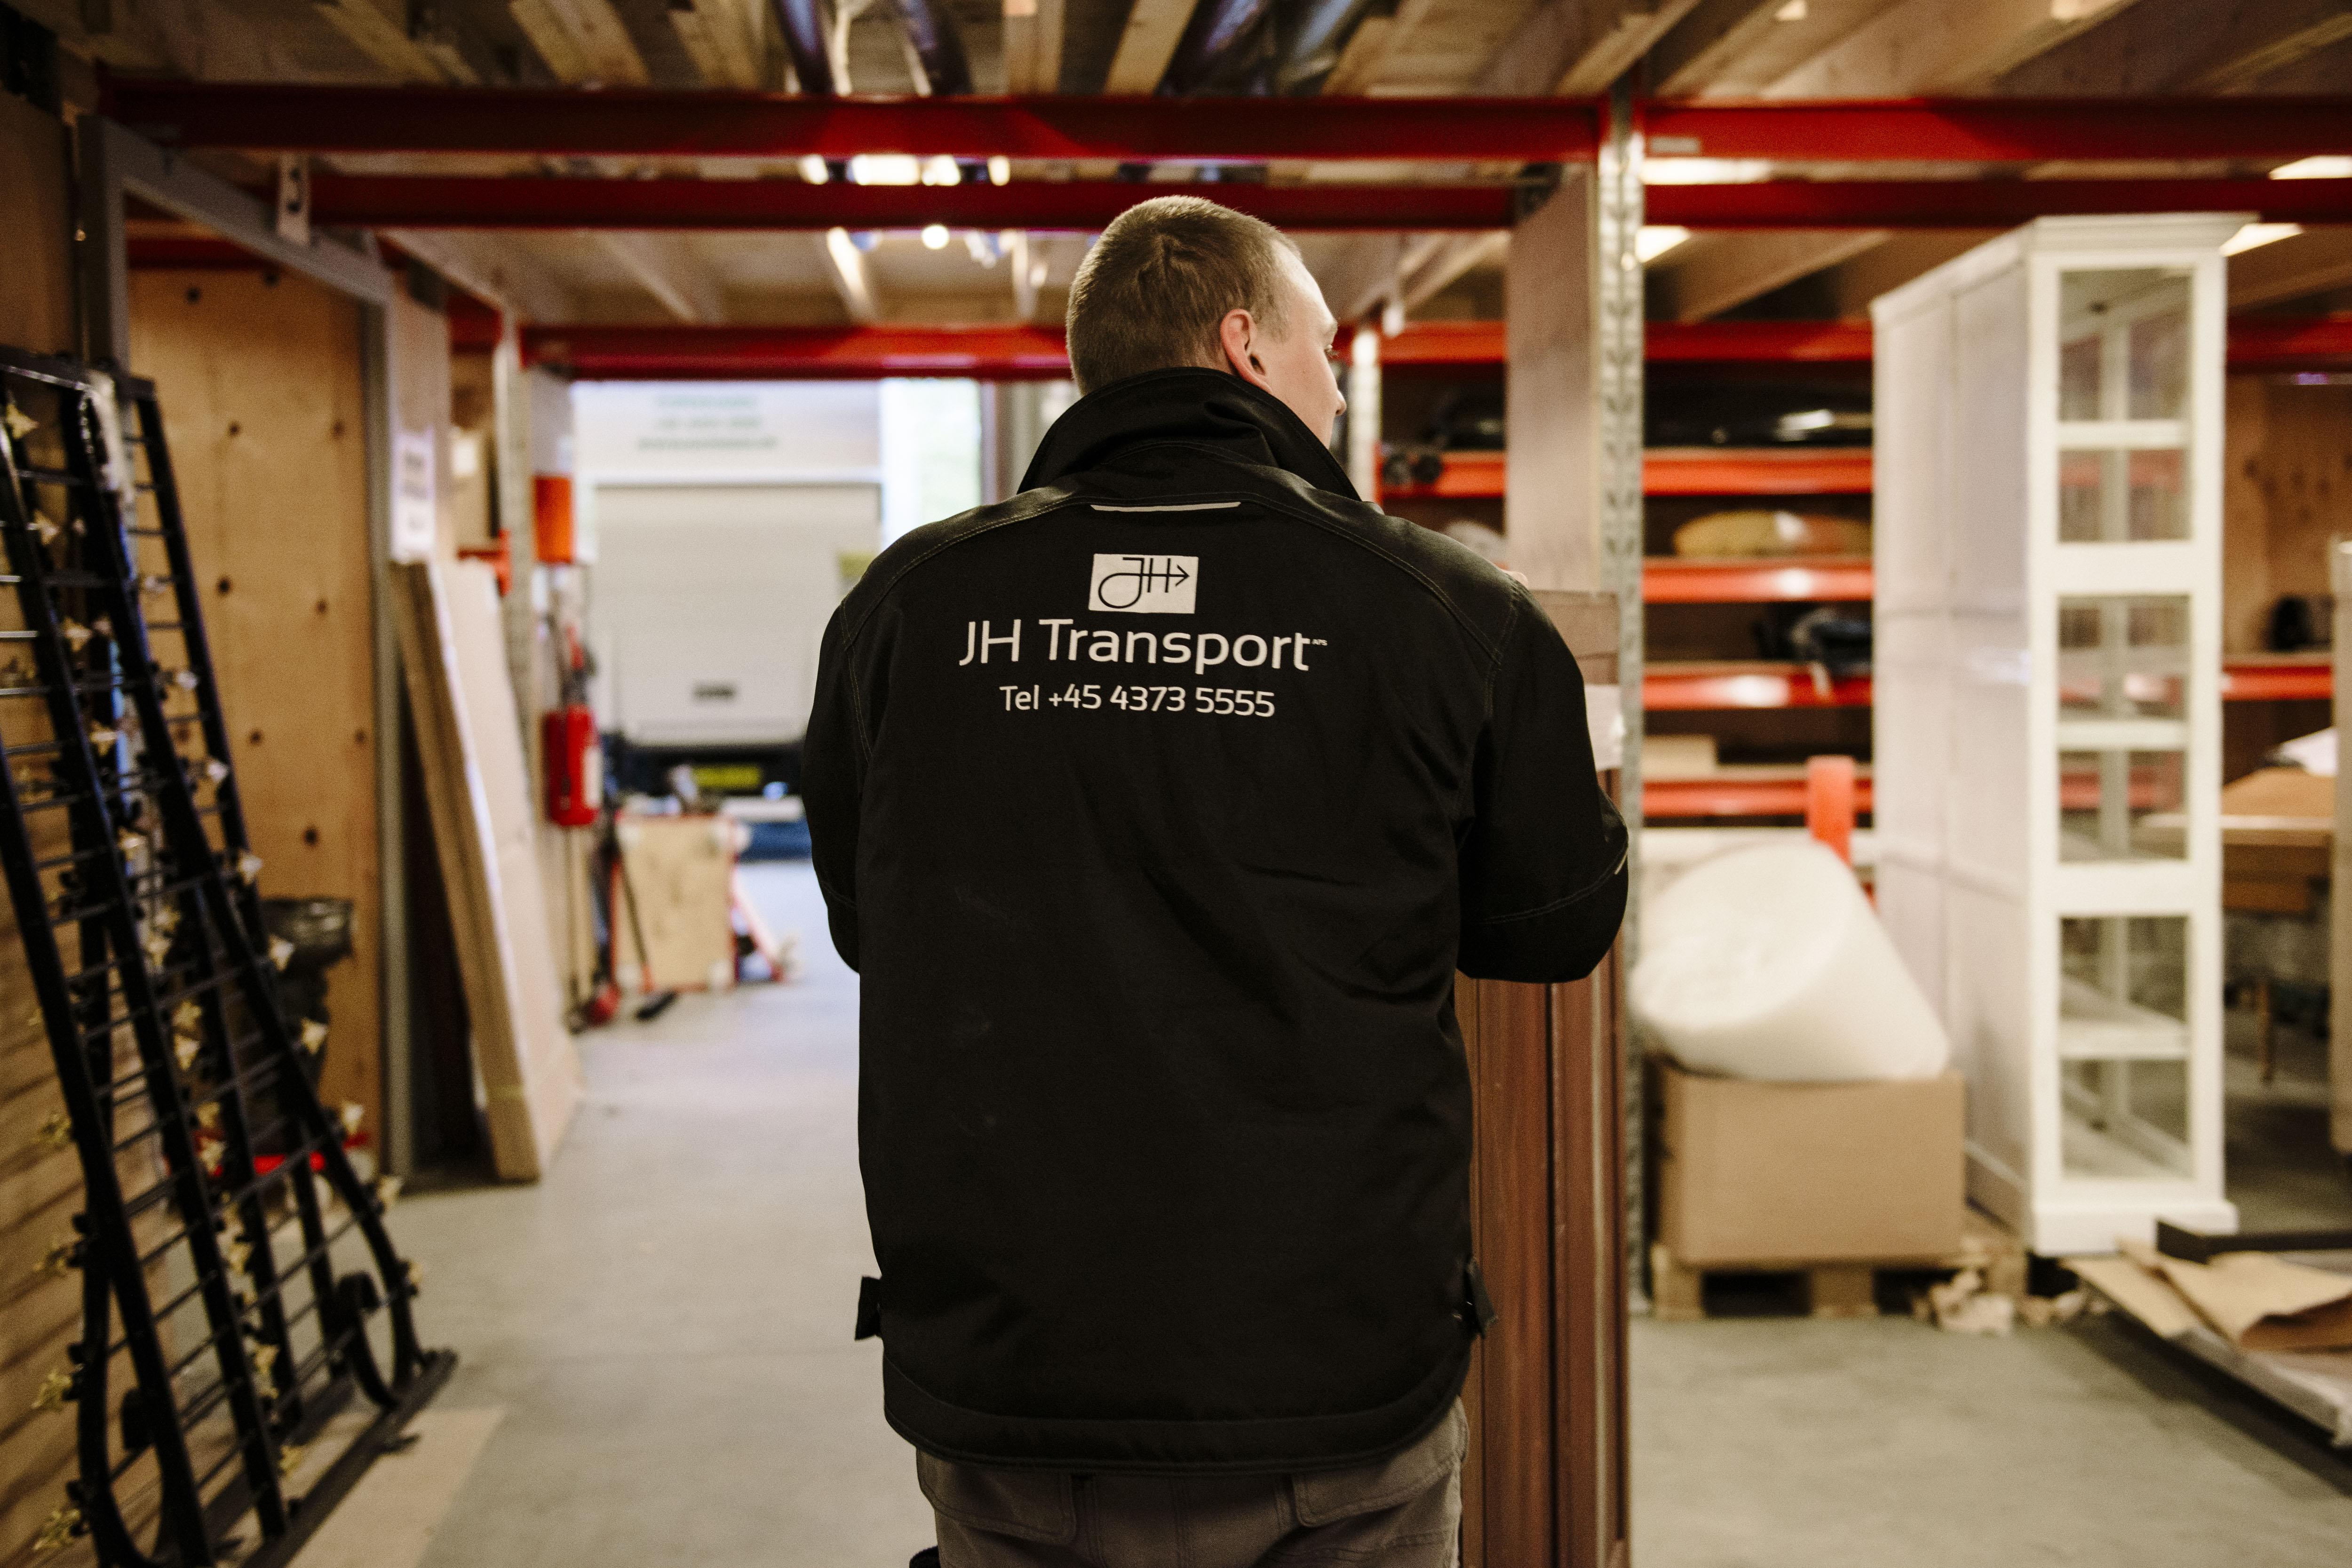 Chauffør med kompetencer inden for håndtering og transport af møbler, kunst og antikviteter